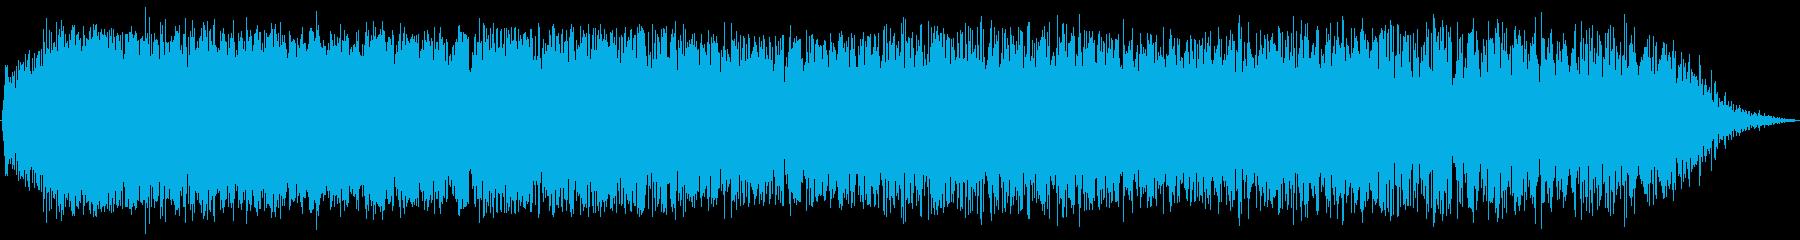 SynthSweep EC03_36_4の再生済みの波形